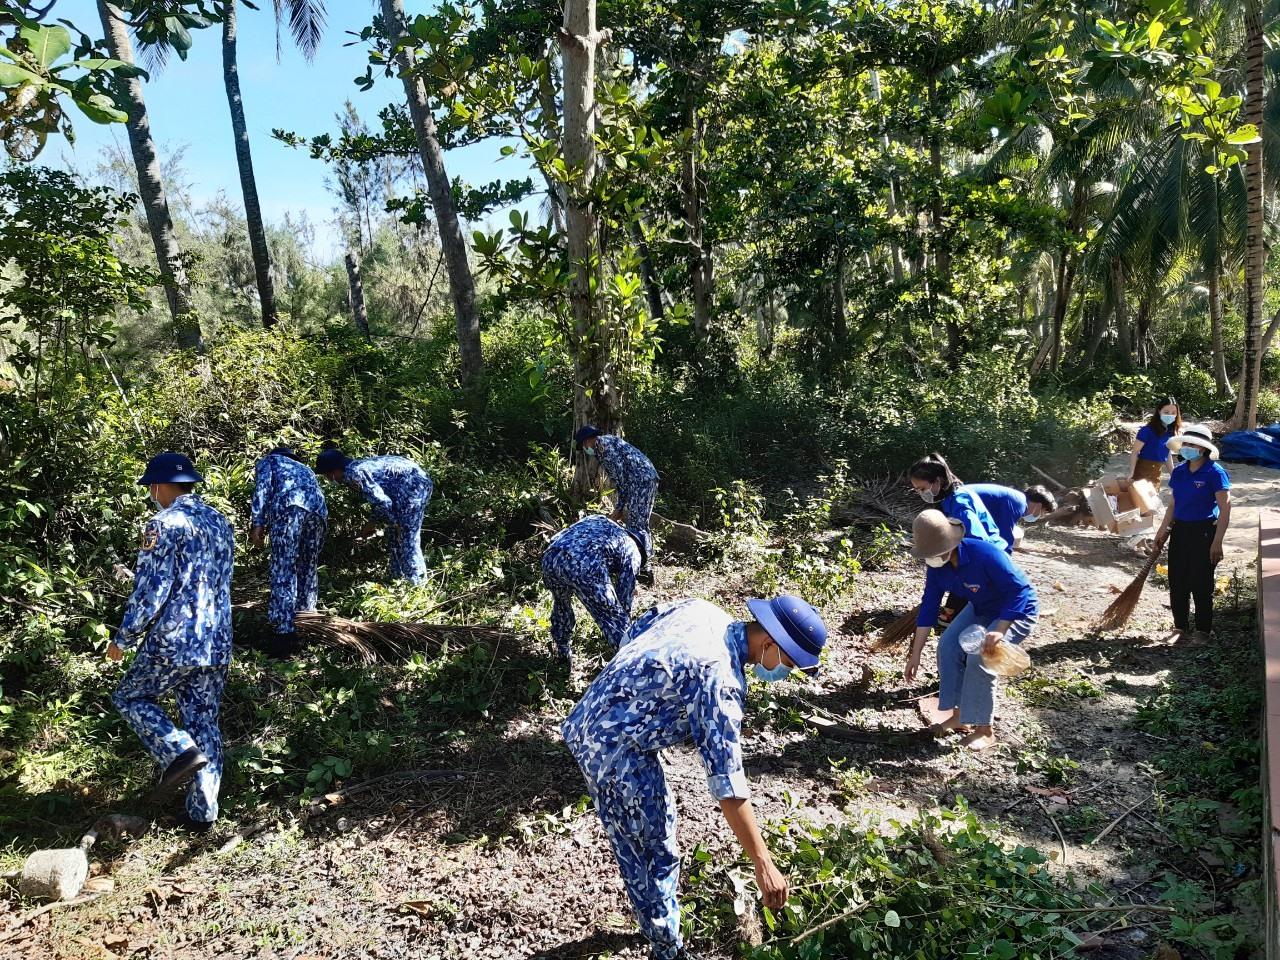 Tuổi trẻ đơn vị tham gia vệ sinh môi trường, góp phần làm sạch bờ biển.